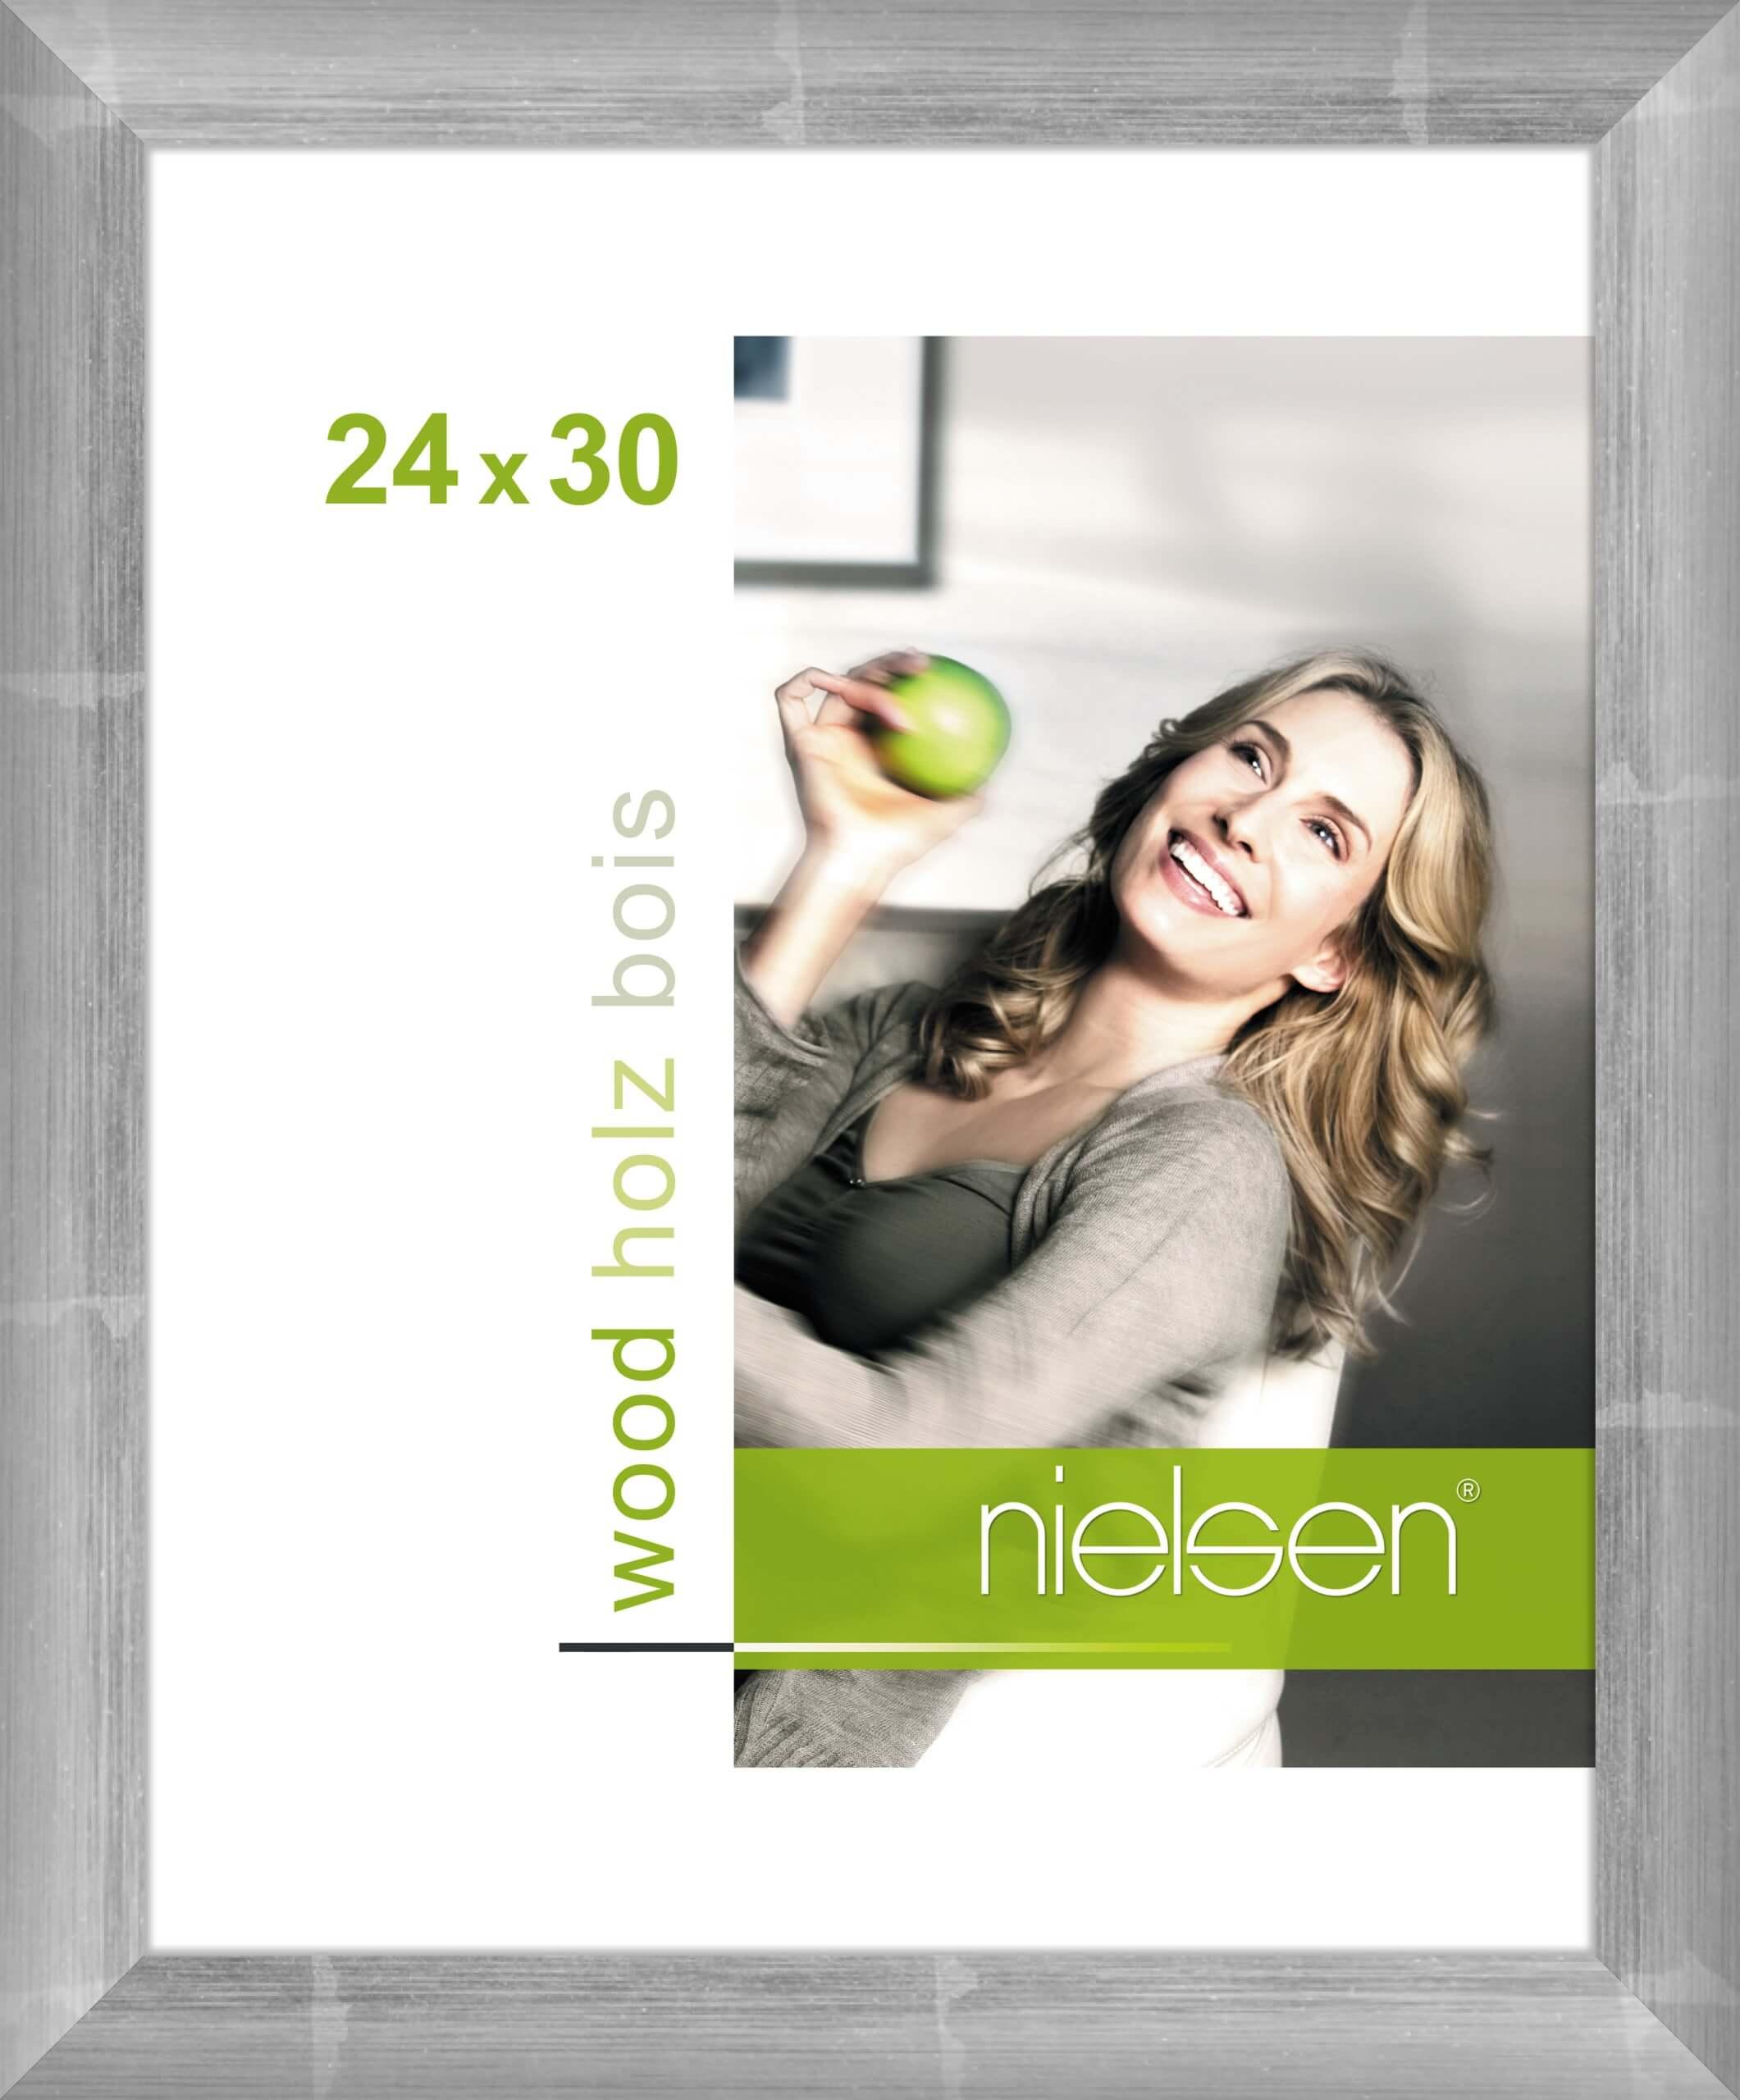 Essential › Holz › Bilderrahmen › Produkte › Nielsen